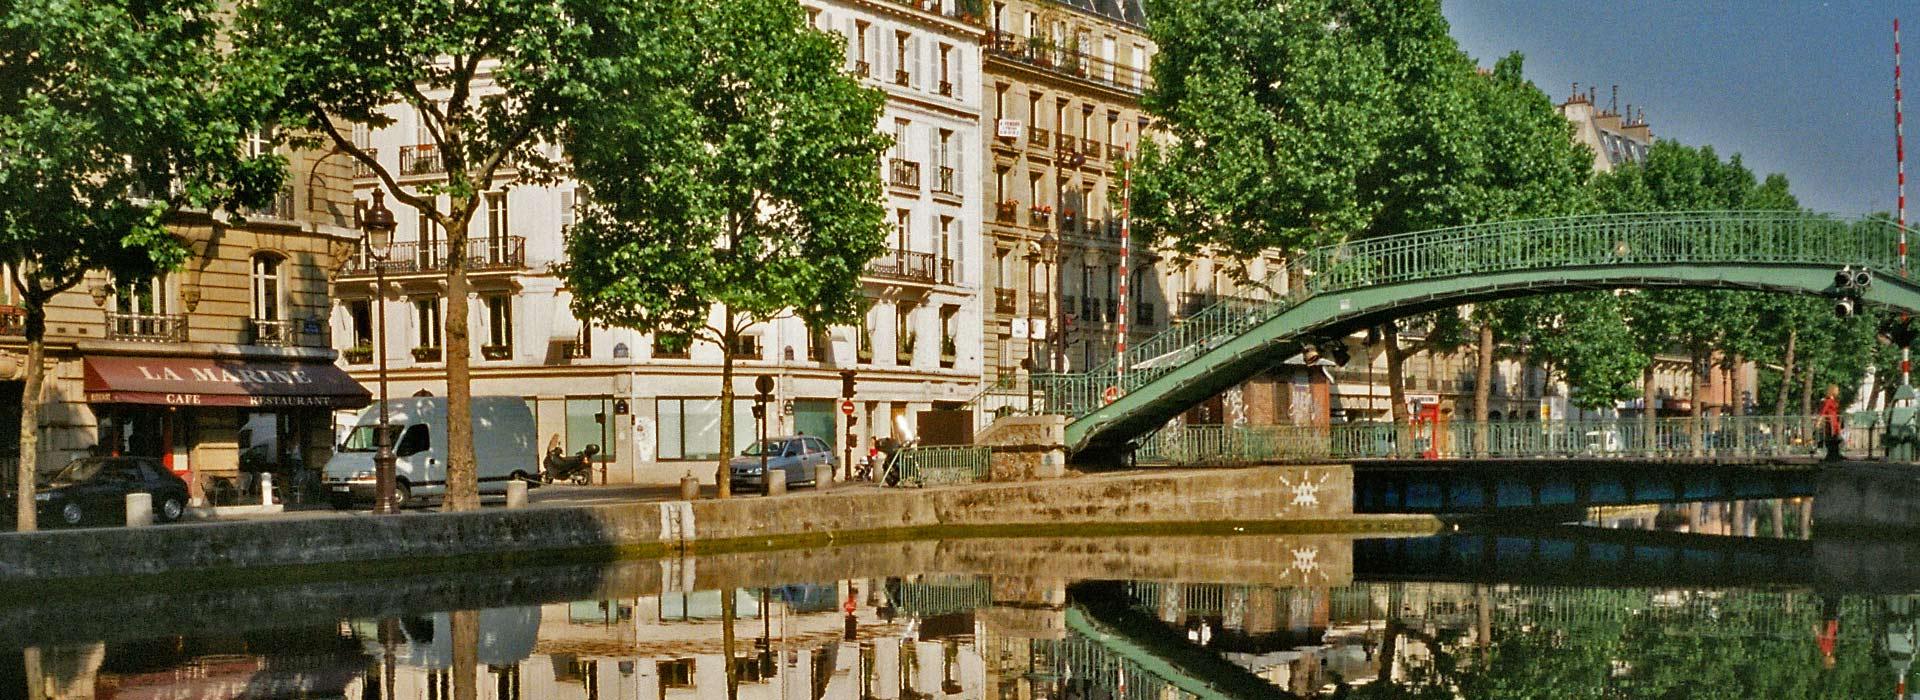 Croisière pédestre sur le canal Saint-Martin